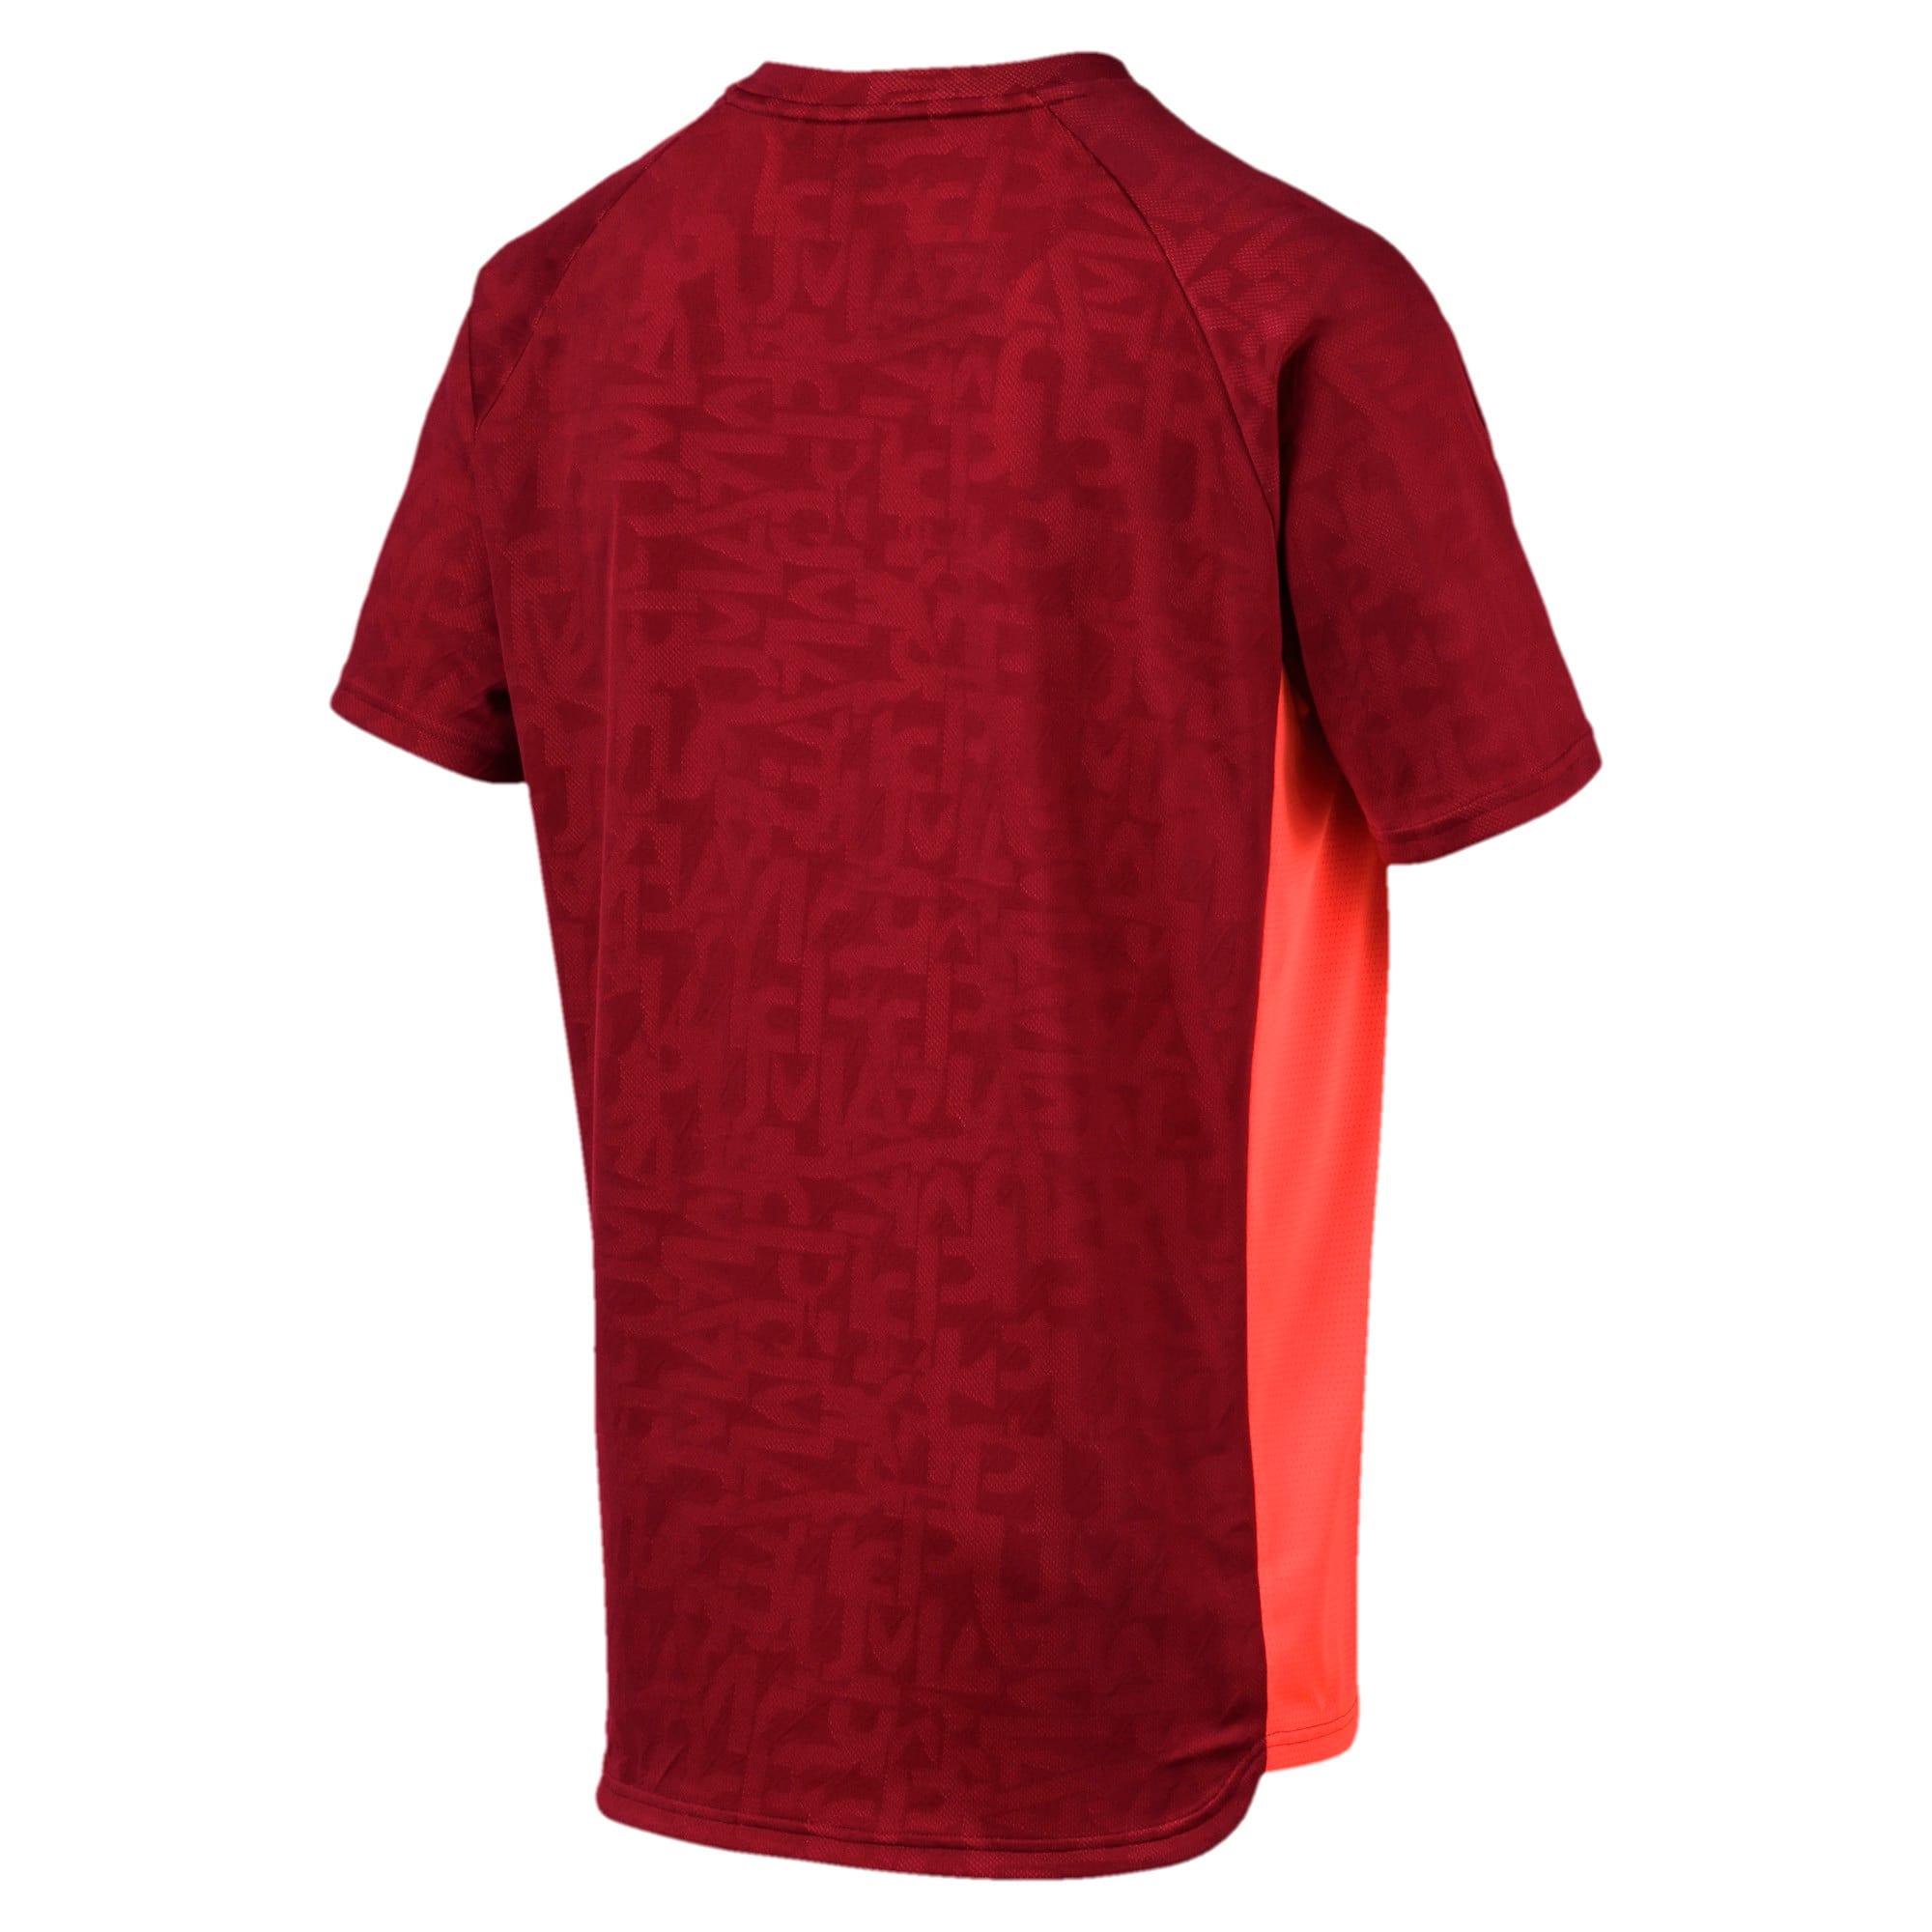 Miniatura 5 de Camiseta Power Vent para hombre, Rhubarb, mediano